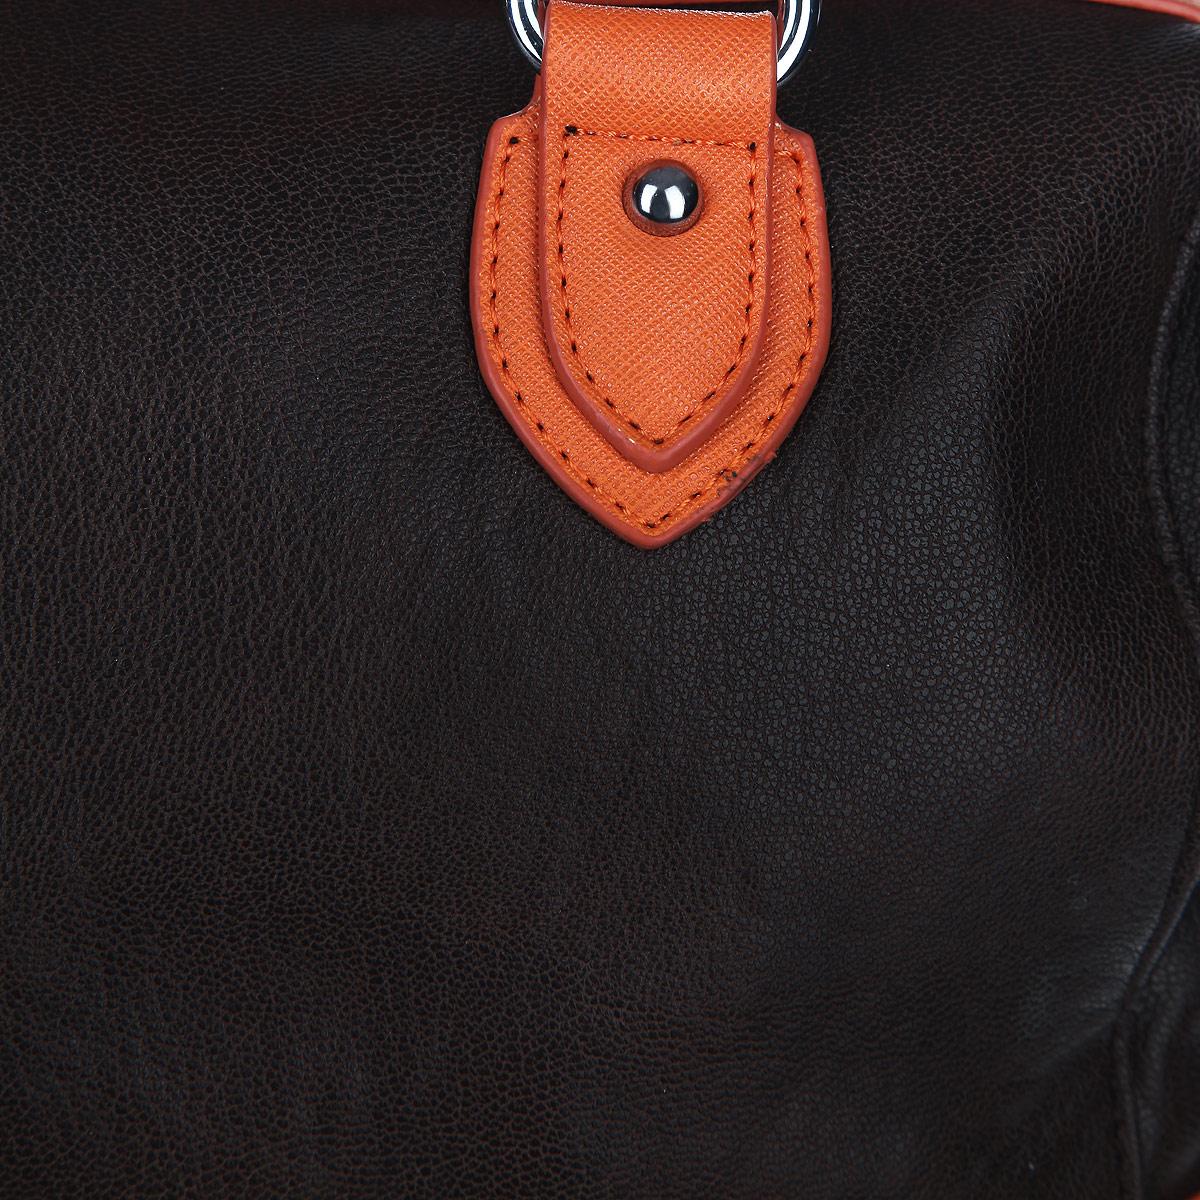 Сумка женская Leighton, цвет: темно-коричневый, рыжий. 61044-339/66/3769/17 ( 61044-339/66/3769/17 )